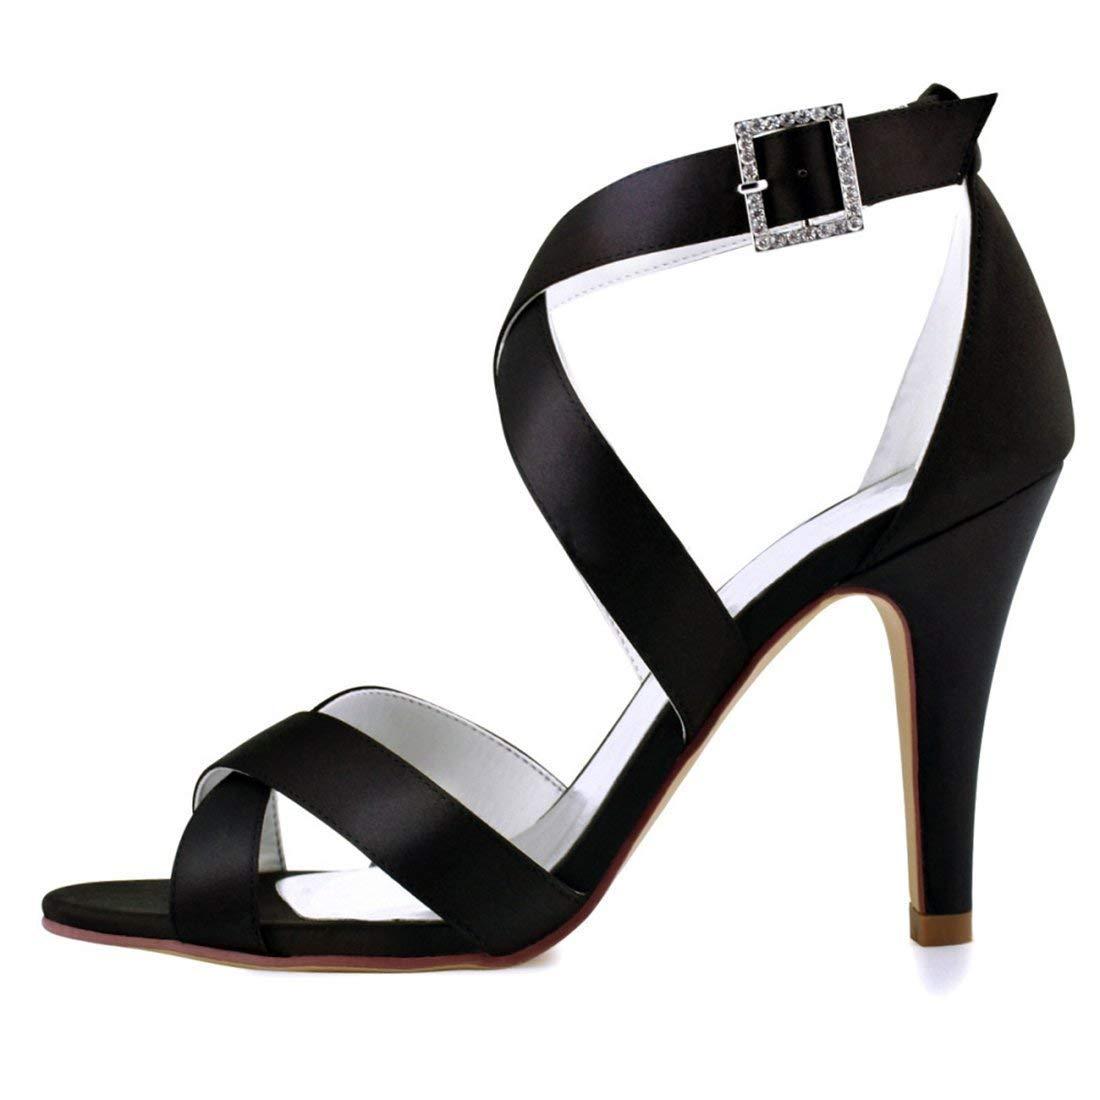 ZHRUI Damen Schnalle Ankle Wrap Wrap Wrap Schwarz Satin Trendy Hochzeitskleid Sandalen UK 5 (Farbe   -, Größe   -) e8aed0